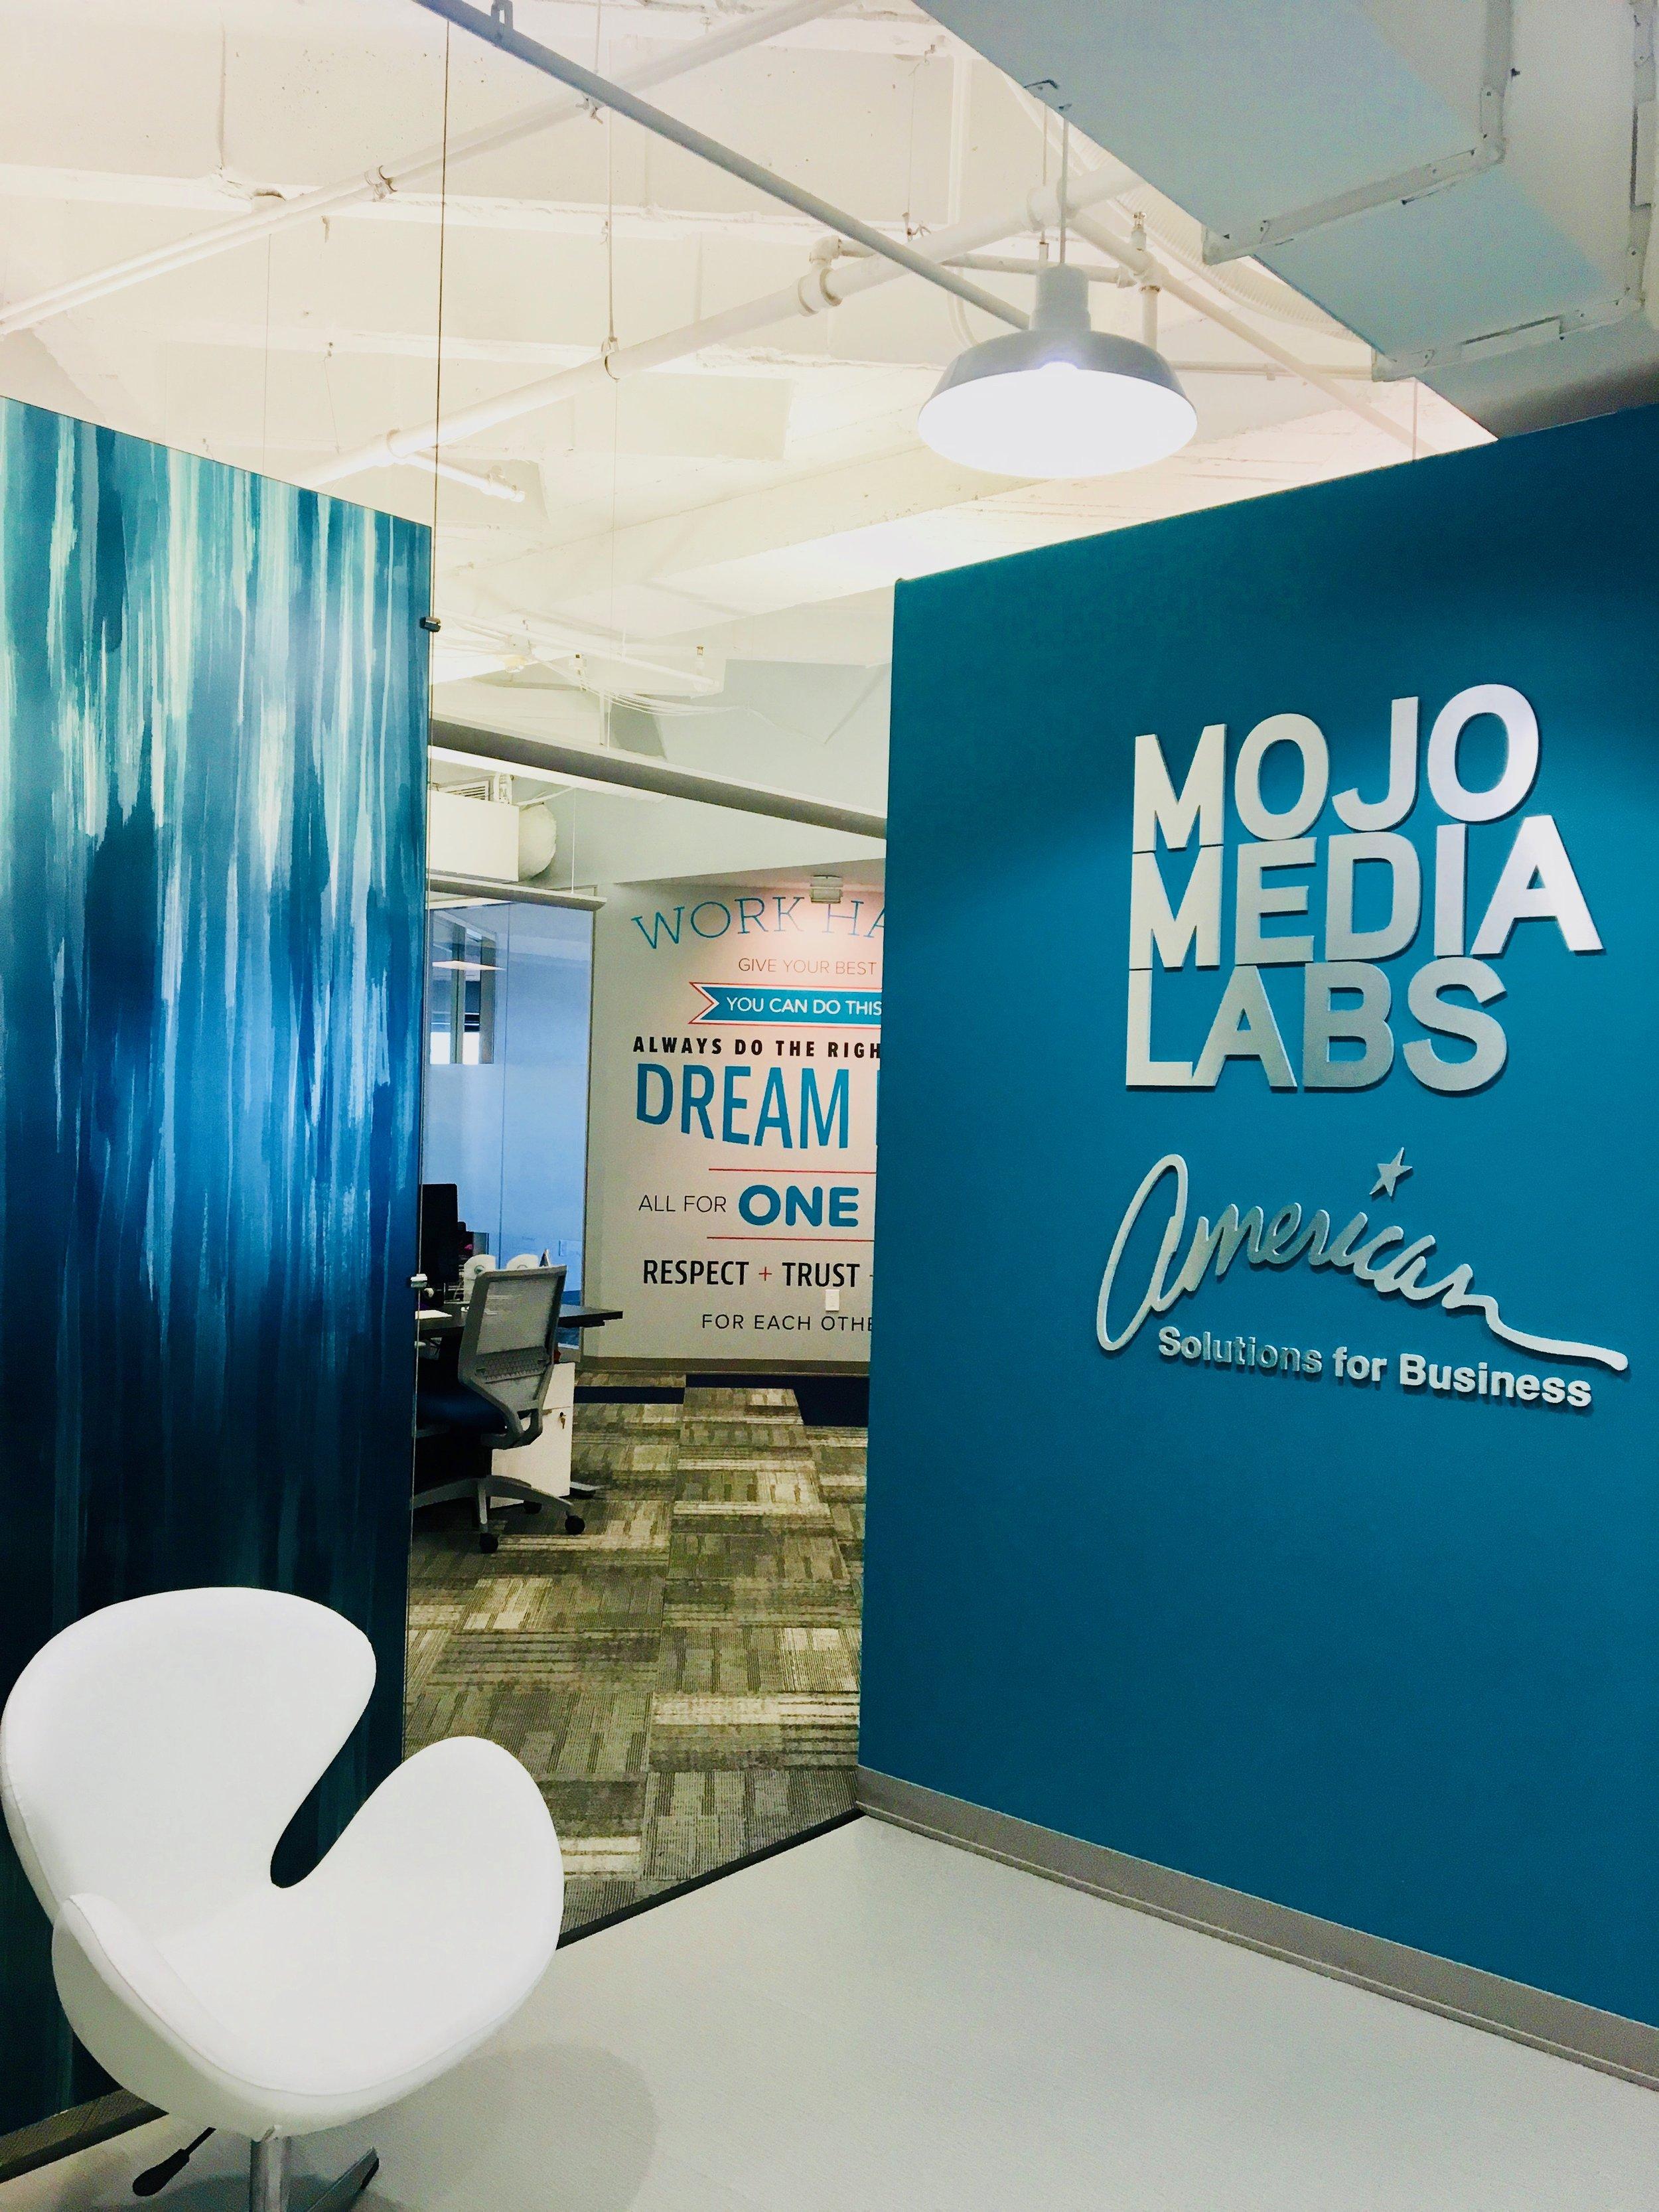 The entrance way into Mojo Media Labs